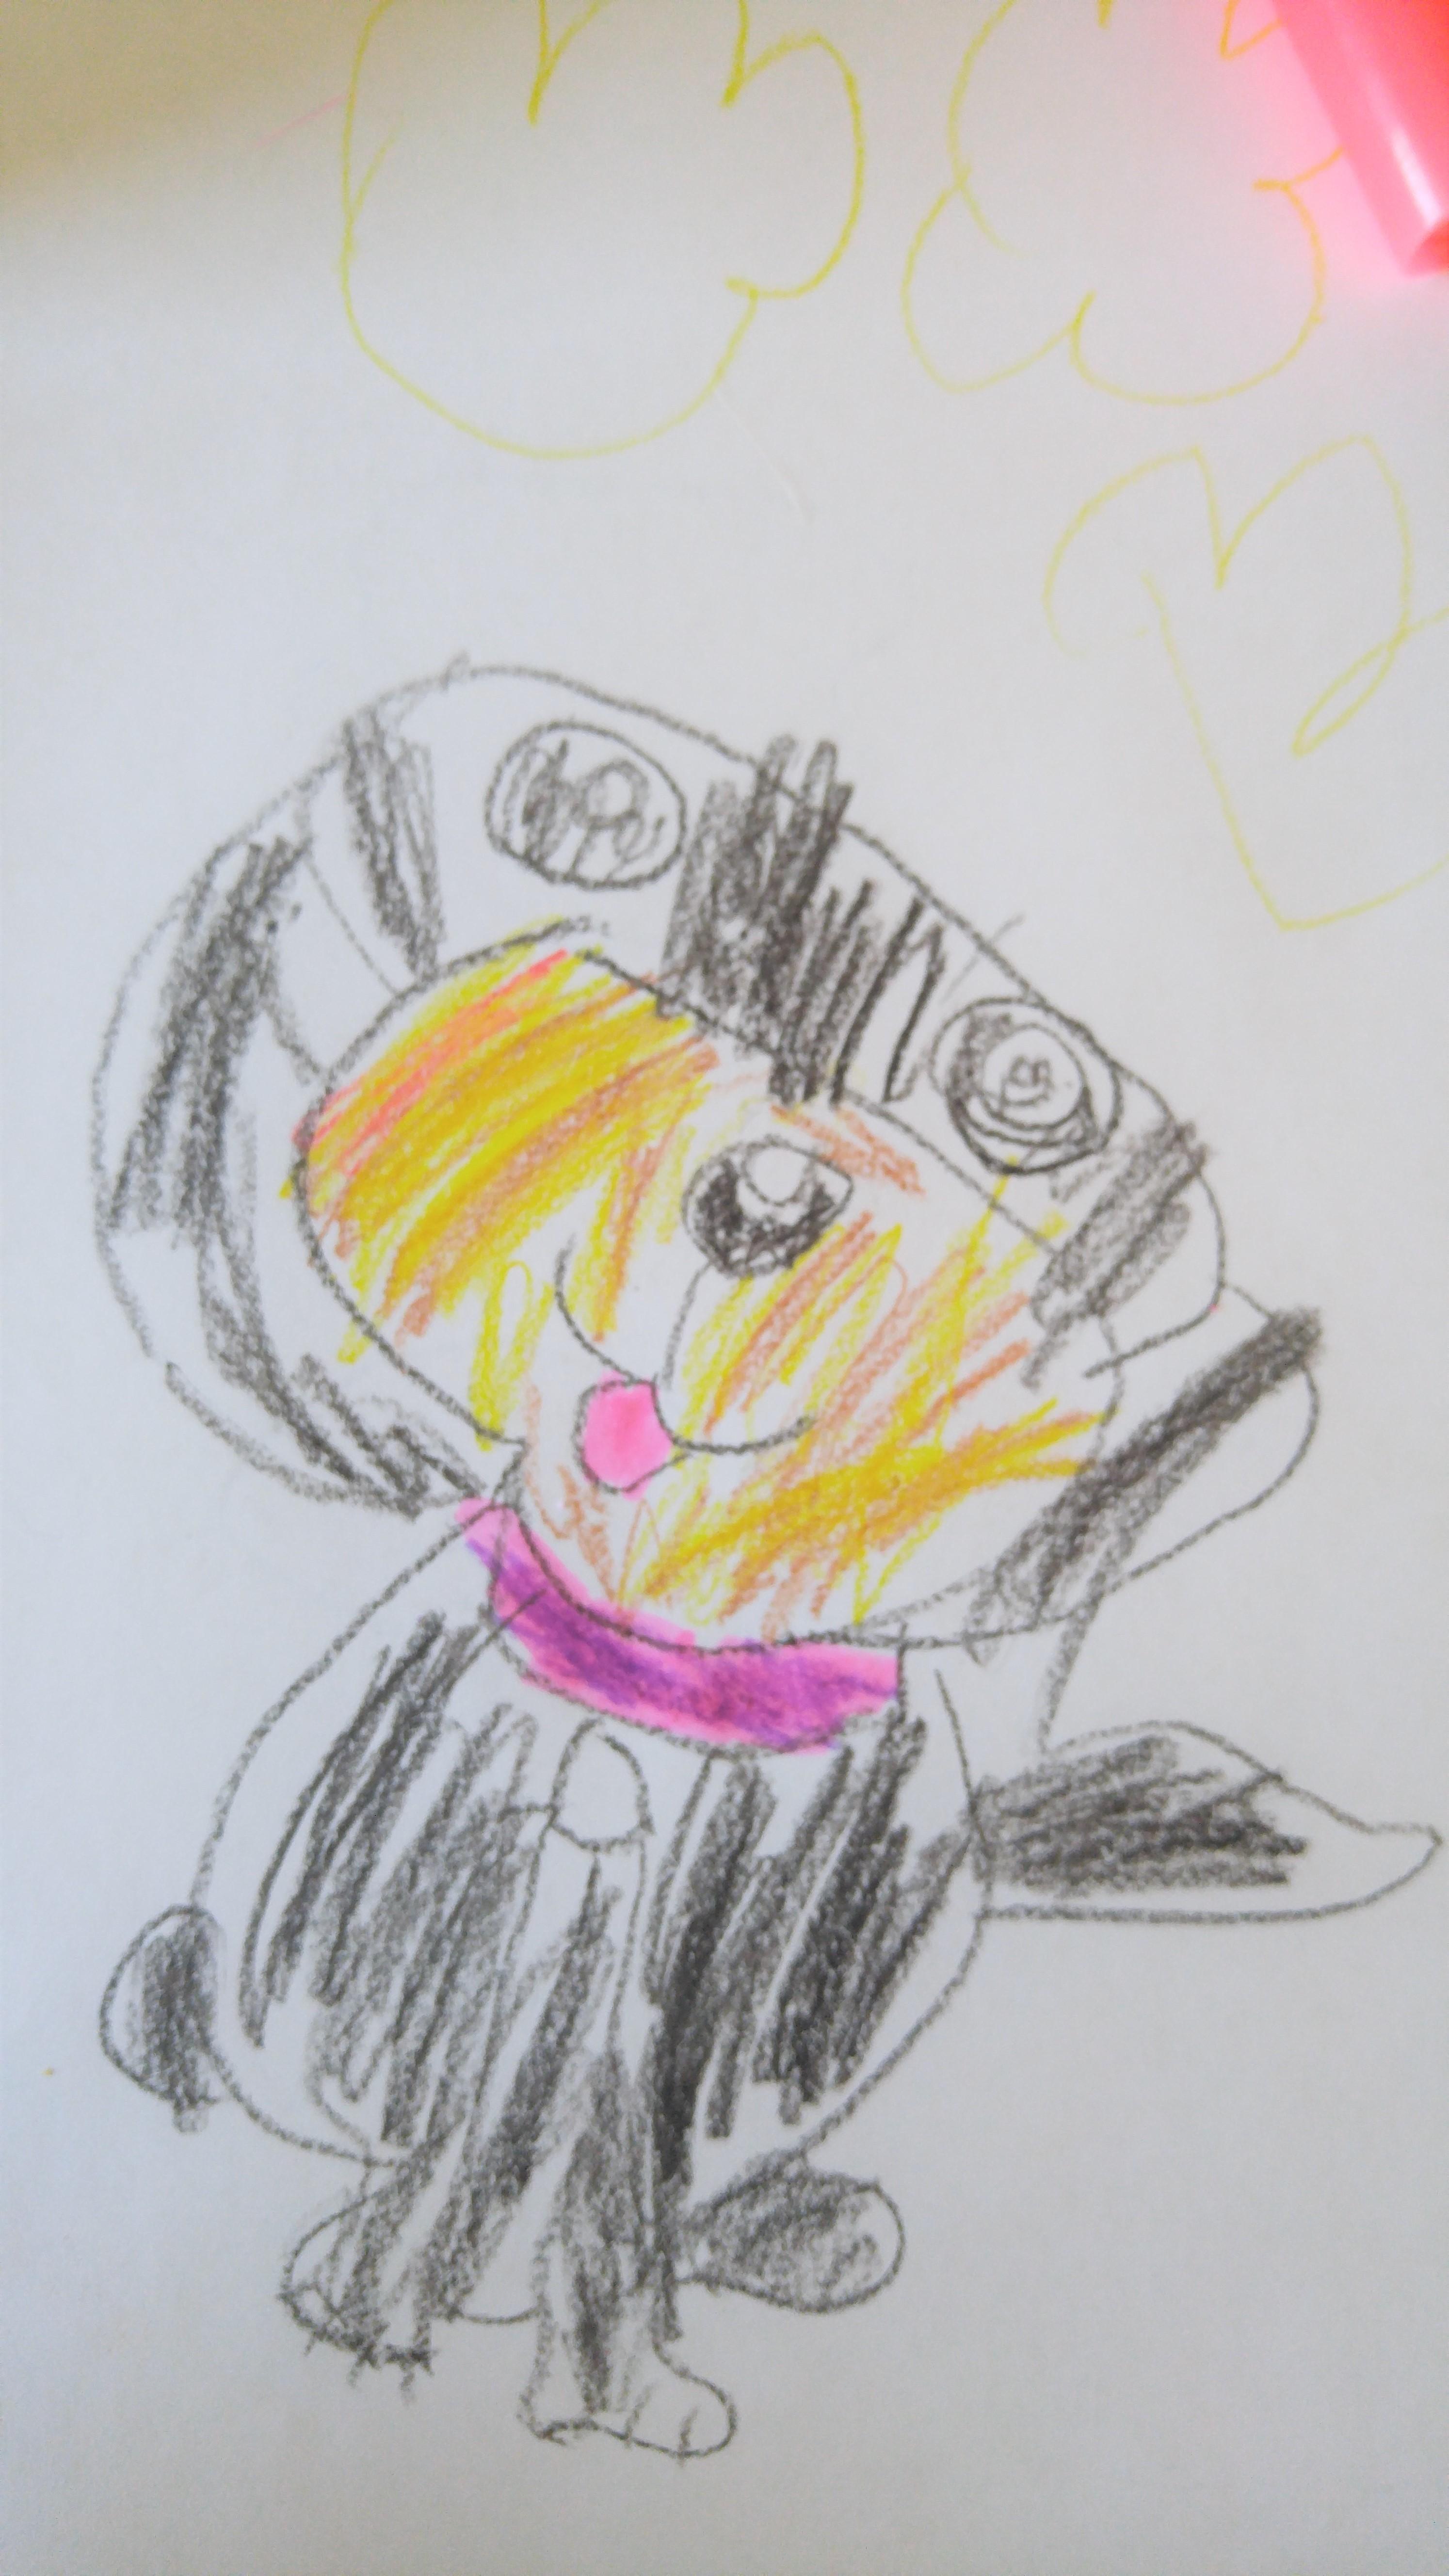 online art class drawing